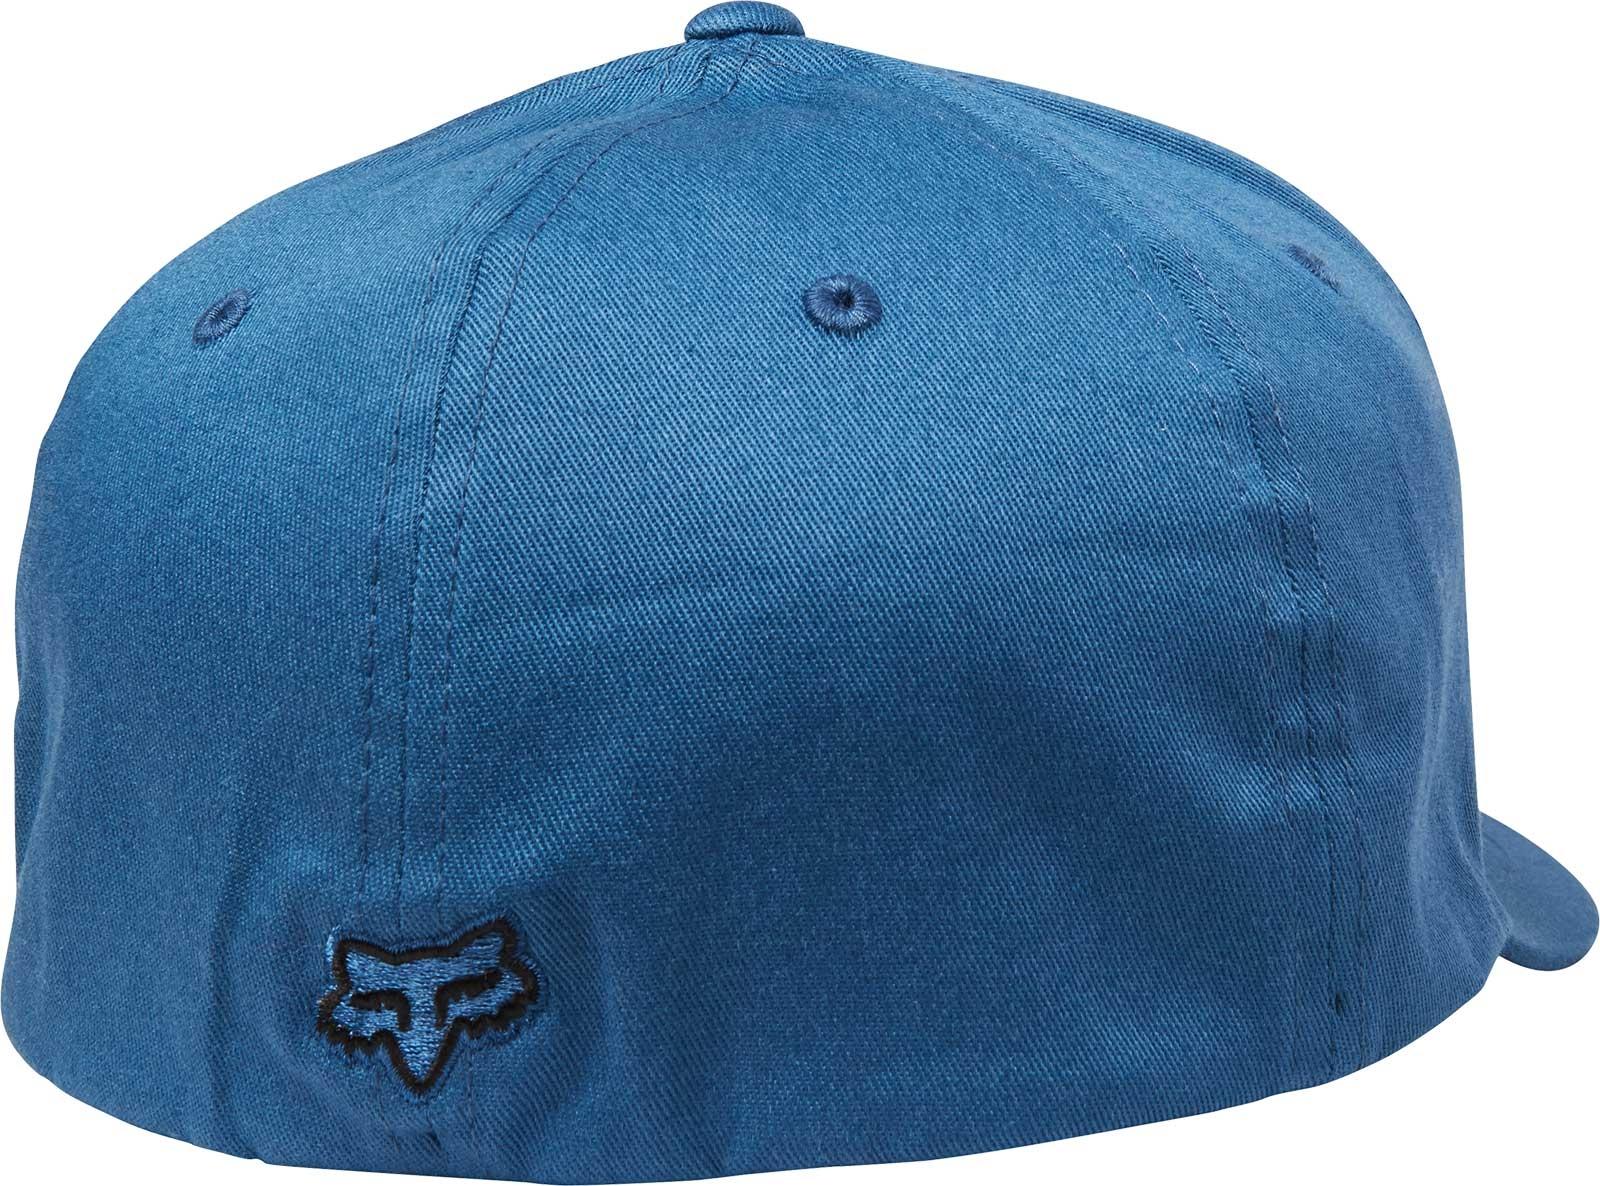 Fox-Racing-Flex-45-Flexfit-Hat-Mens-Lid-Cap thumbnail 28